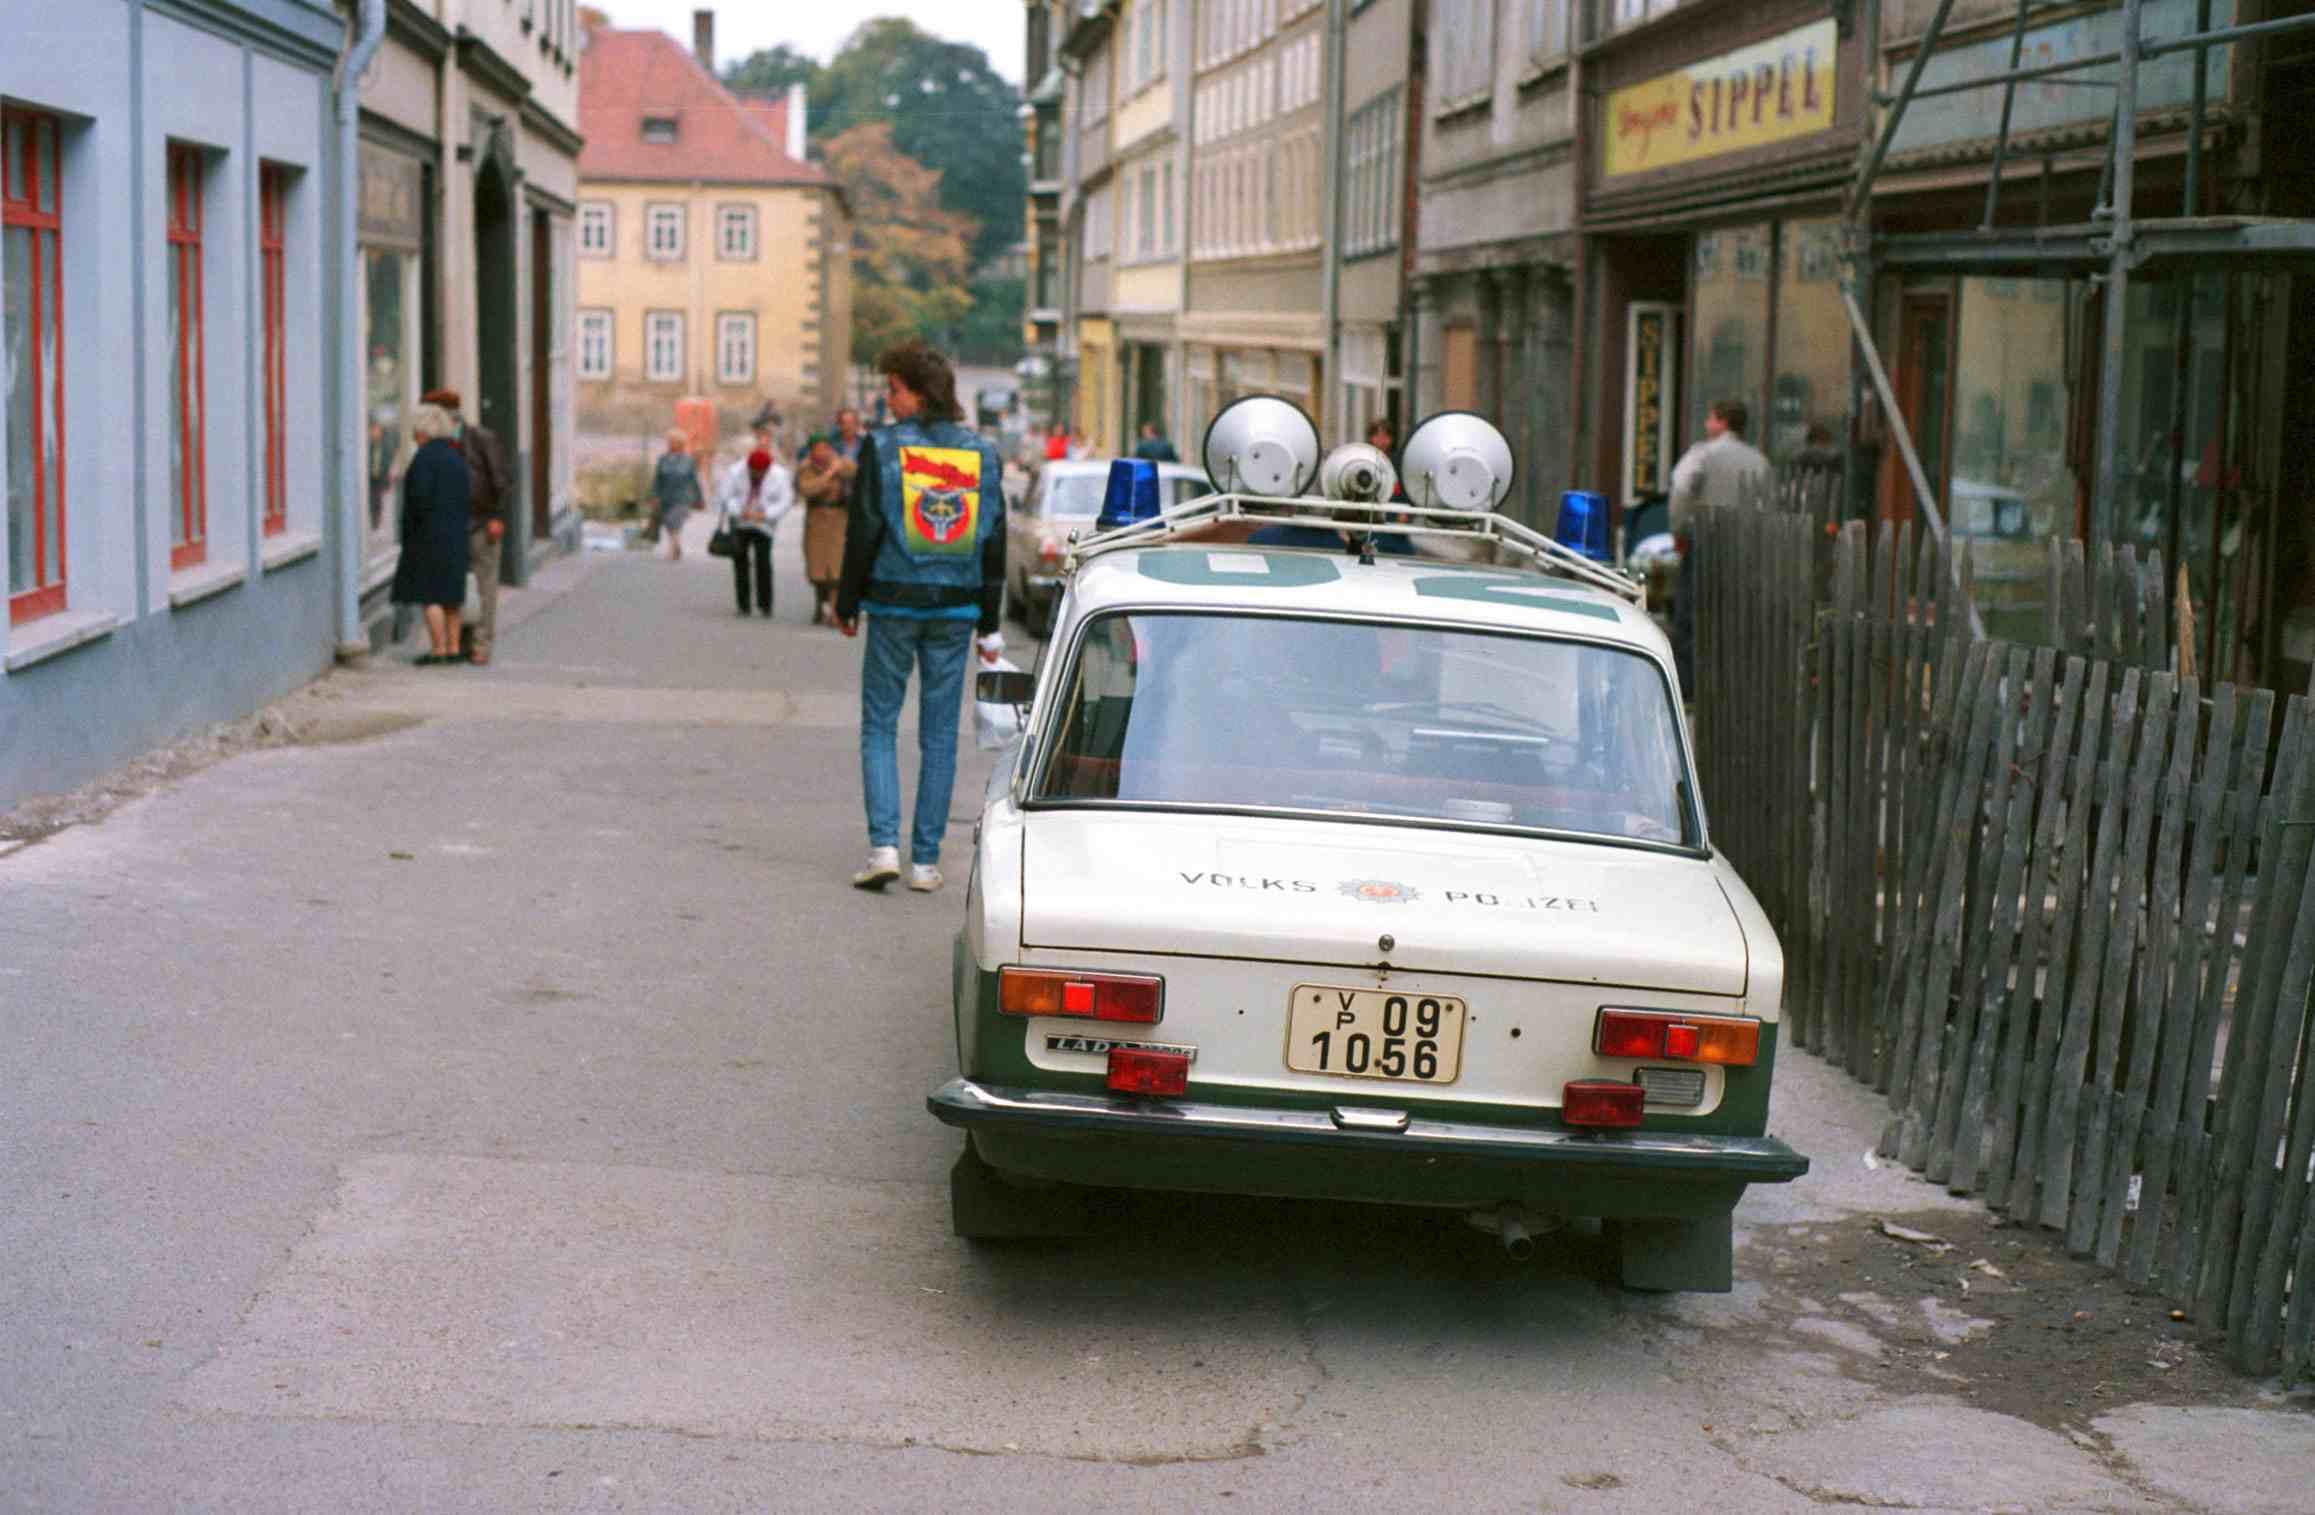 Police car in Erfurt, GDR